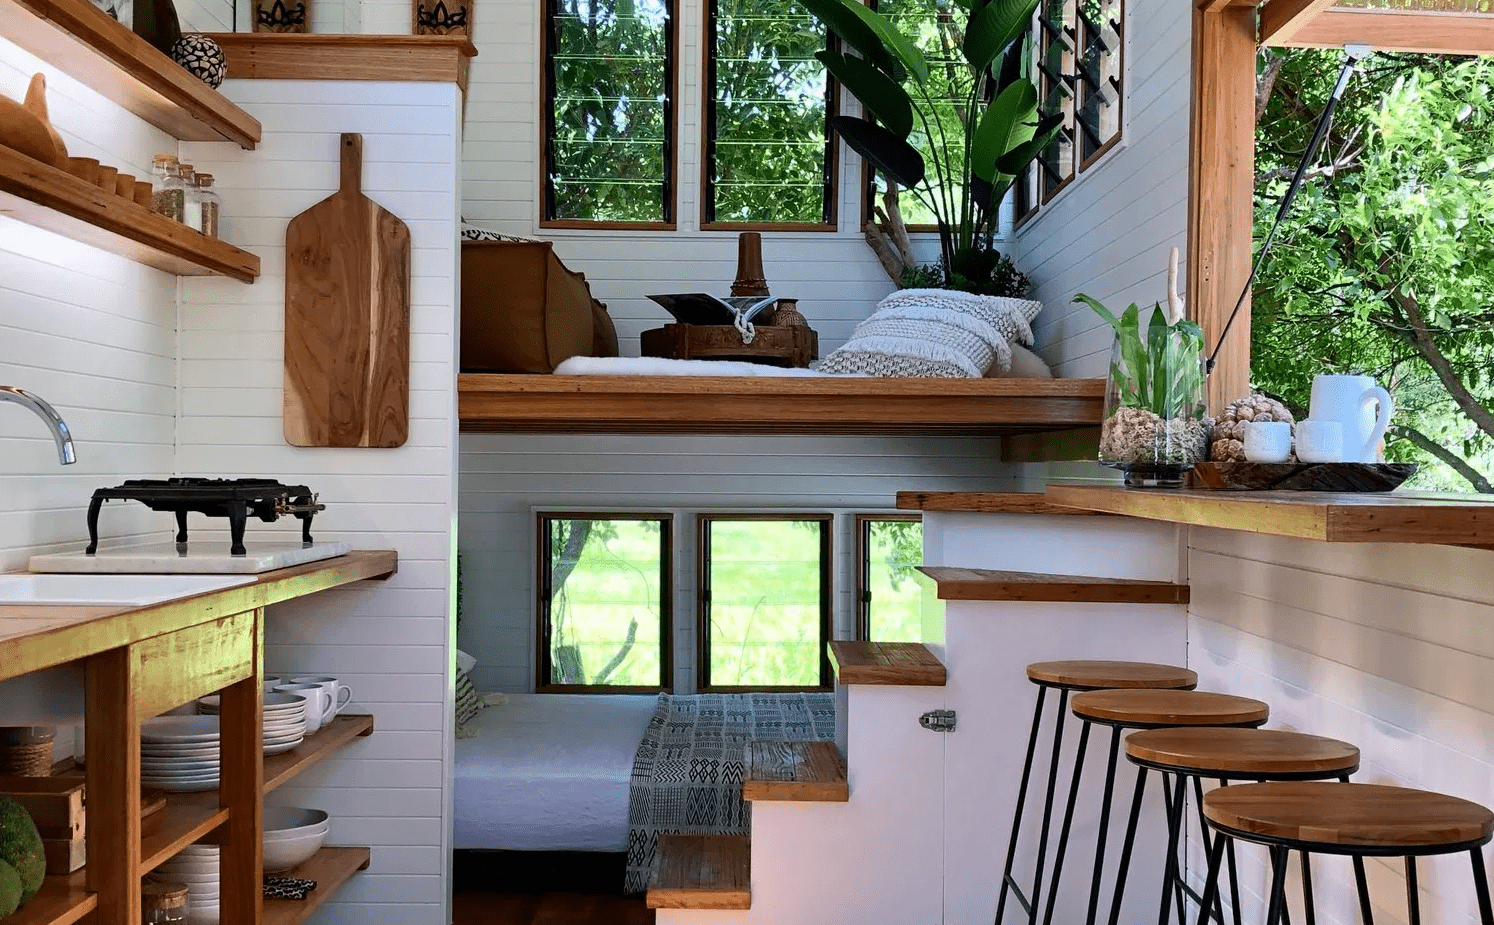 Tiny house, mini studio, petit intérieur : repensez l'espace avec mes astuces d'aménagement